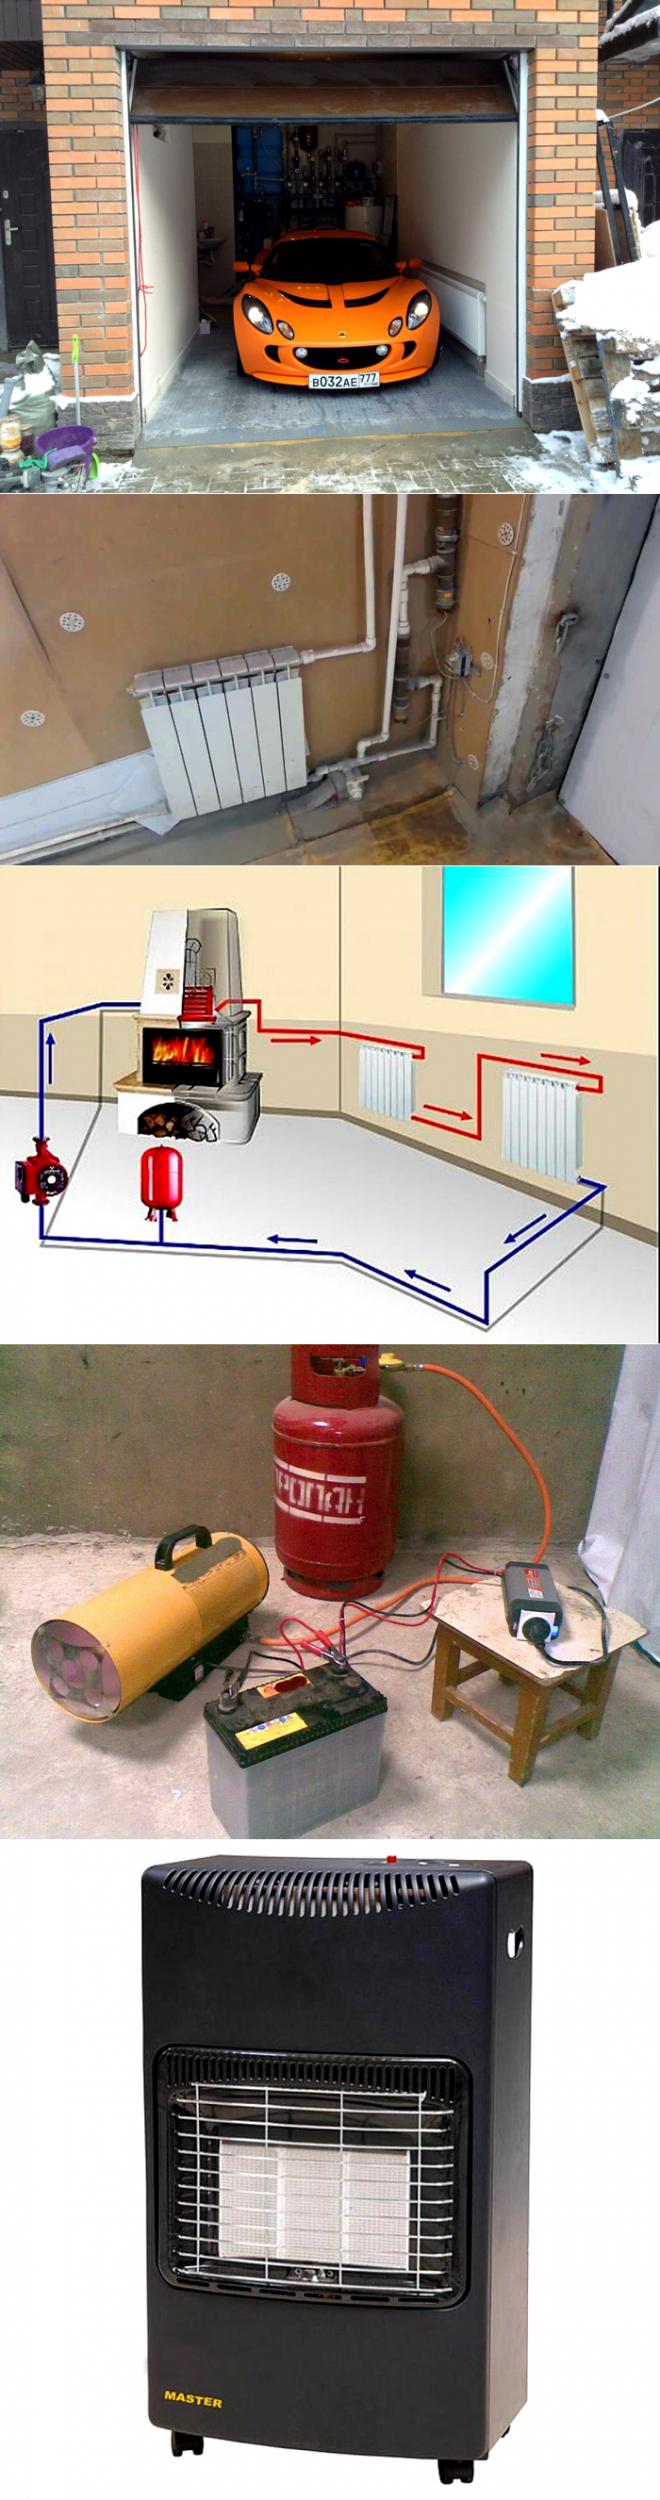 Водяное отопление в гараже: как правильно обустроить и подобрать схему